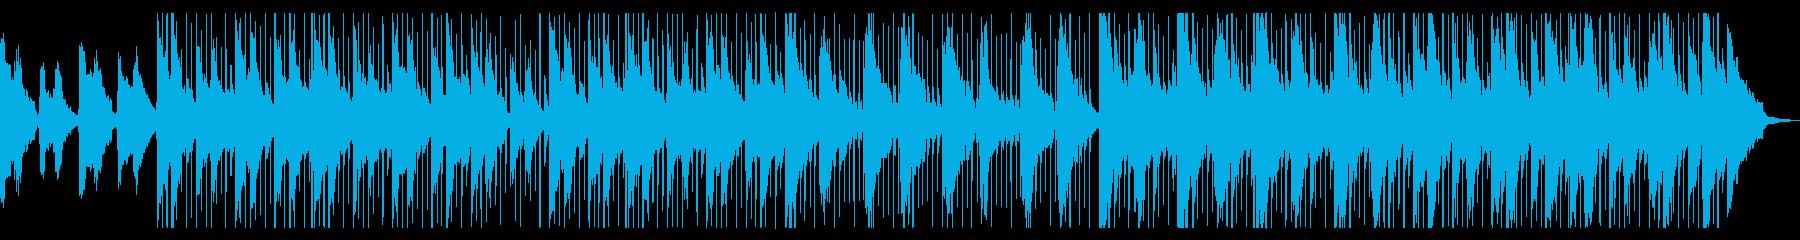 ローファイヒップホップ/メロウな雰囲気の再生済みの波形